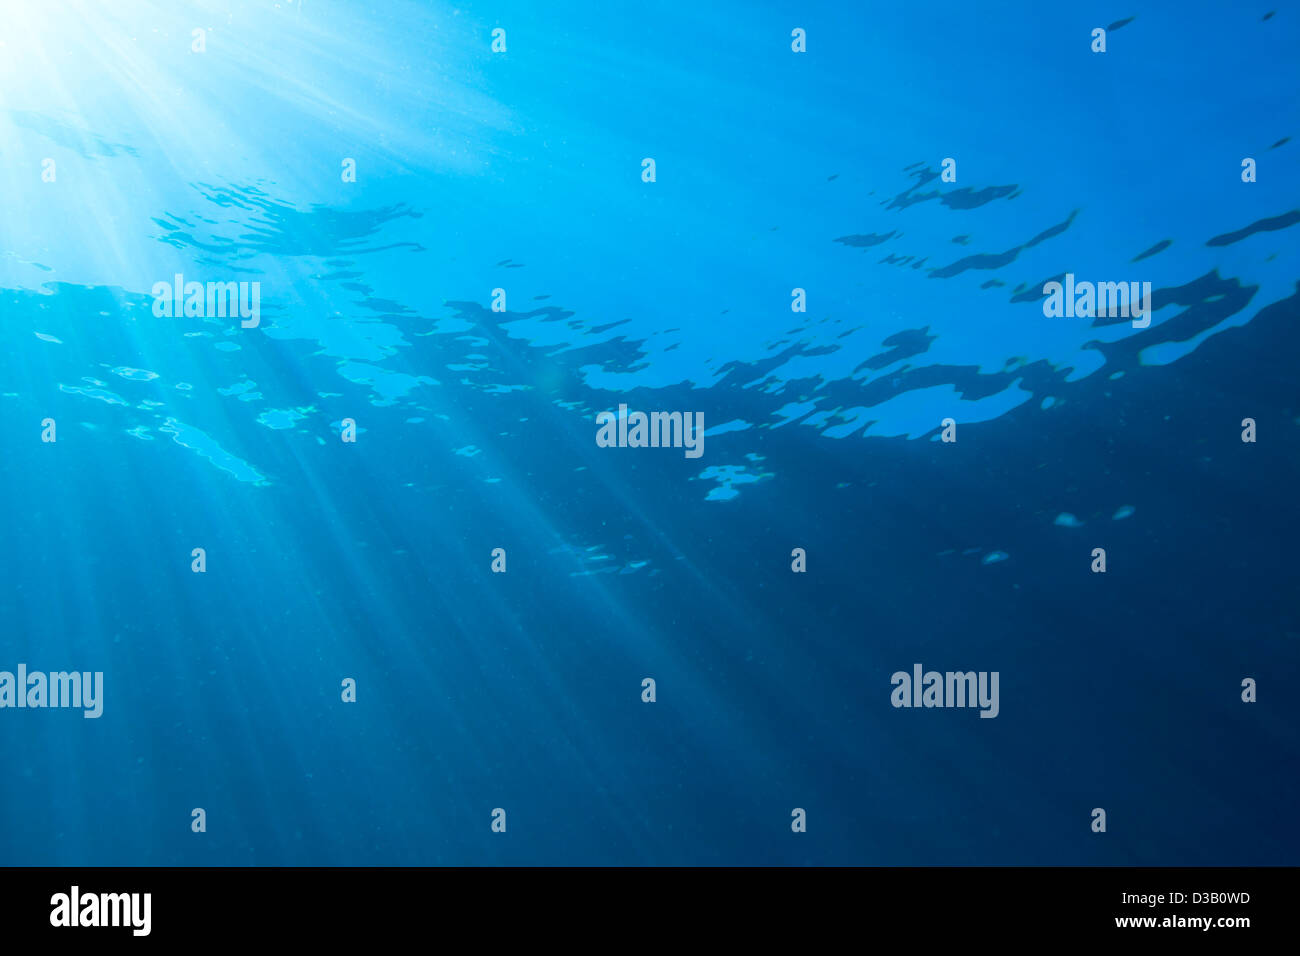 La luce del sole lo streaming attraverso la superficie dell'Oceano Pacifico. Immagini Stock